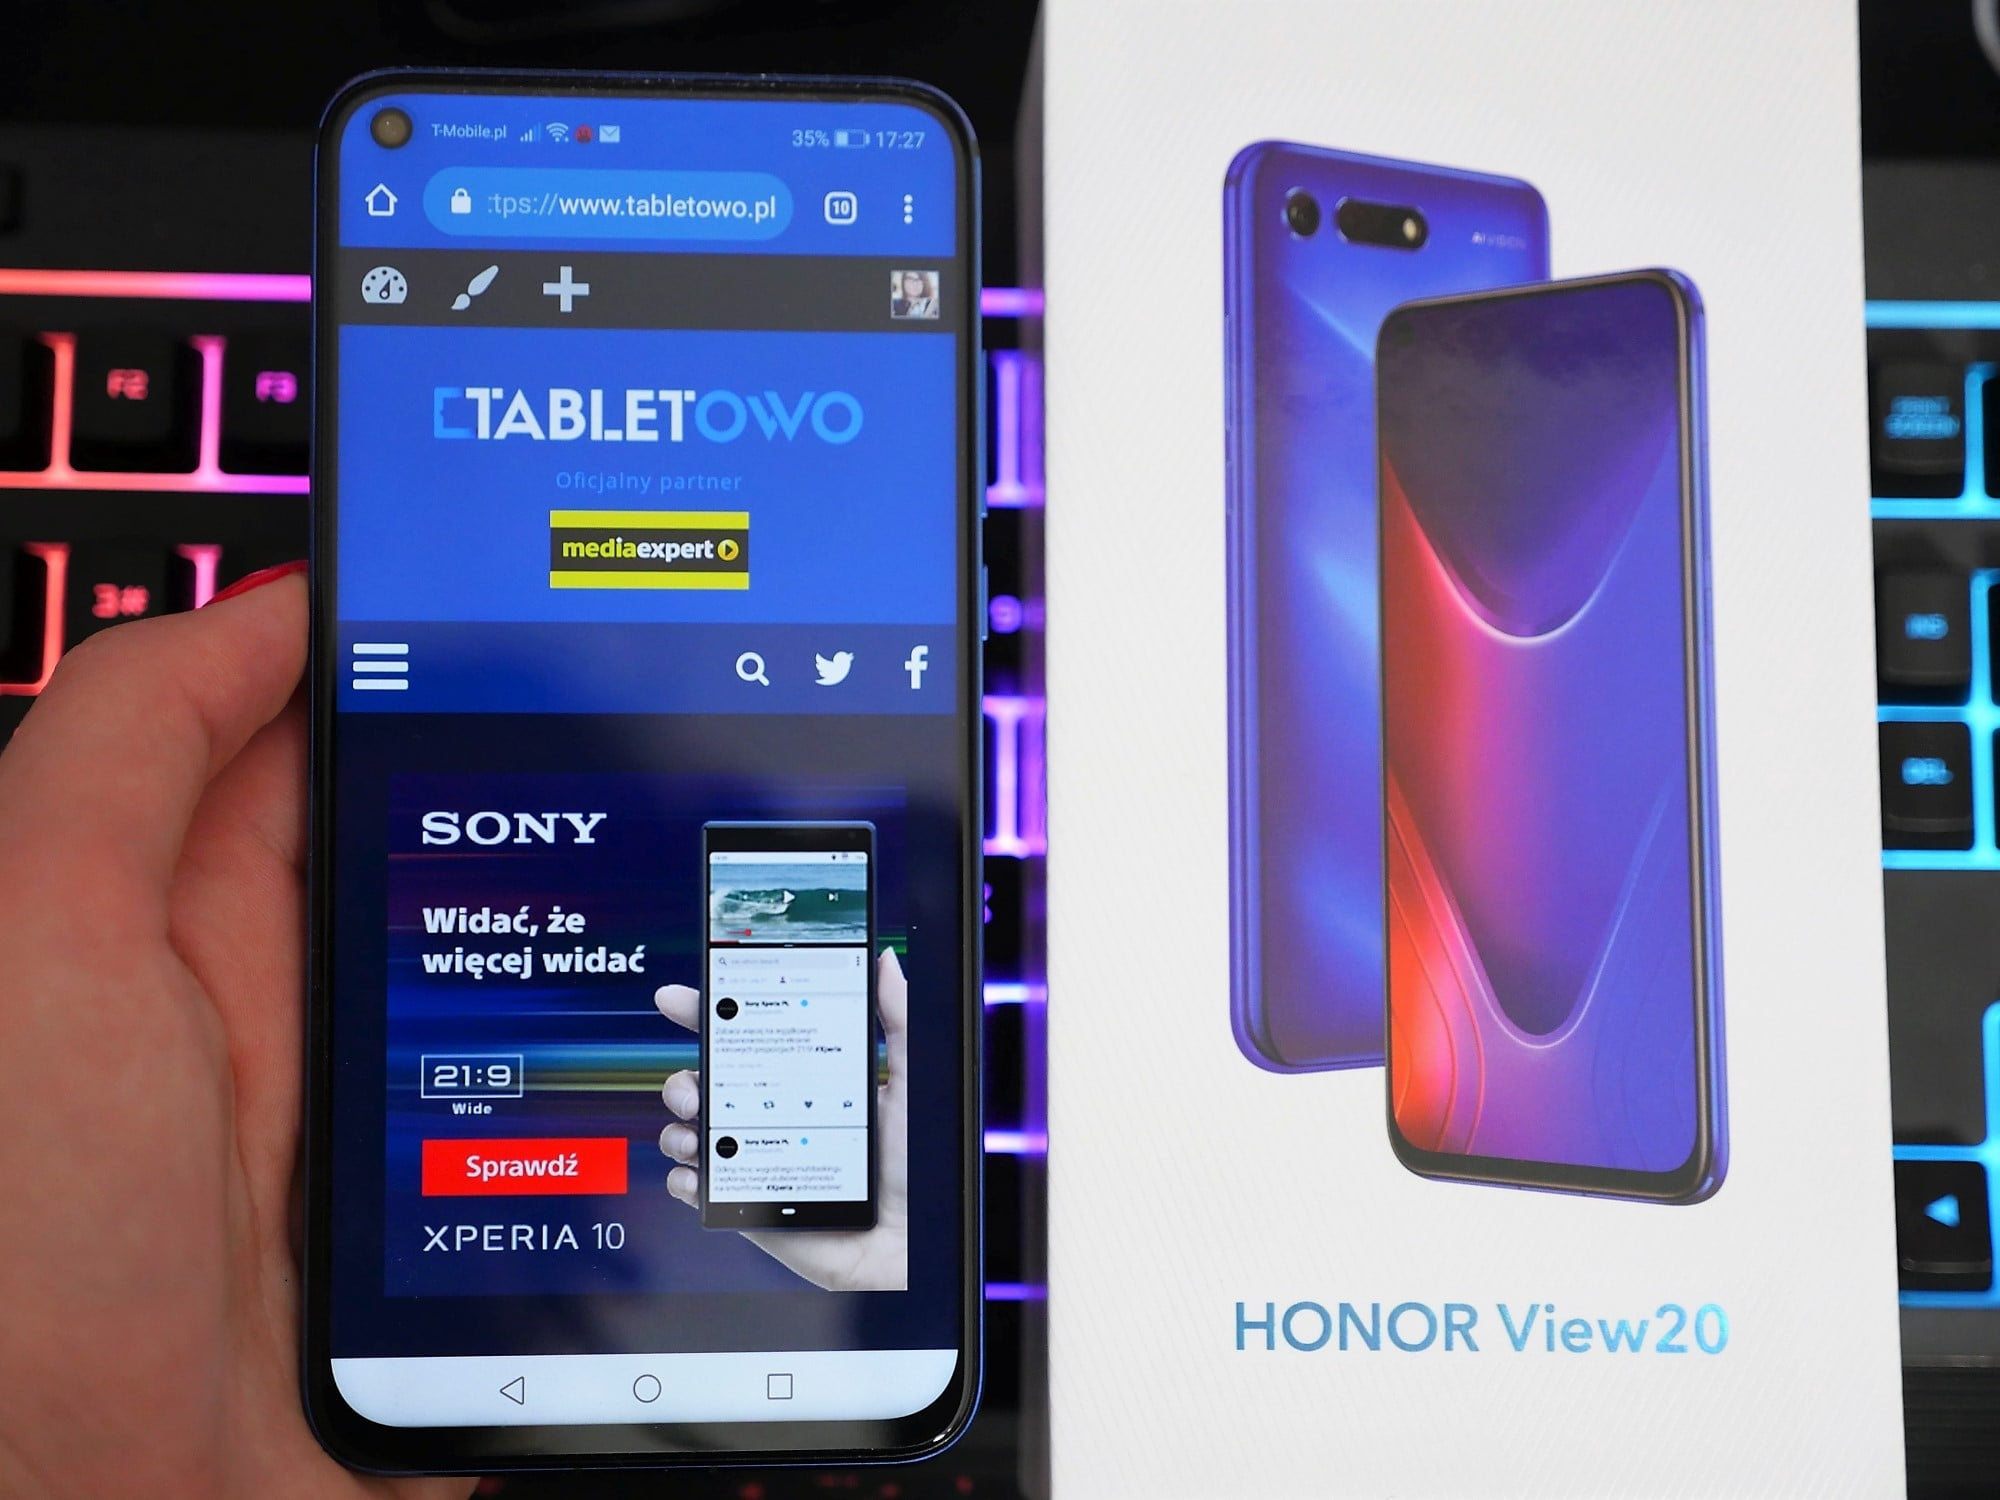 Recenzja Honora View 20 - co oferuje poza świetnym designem?